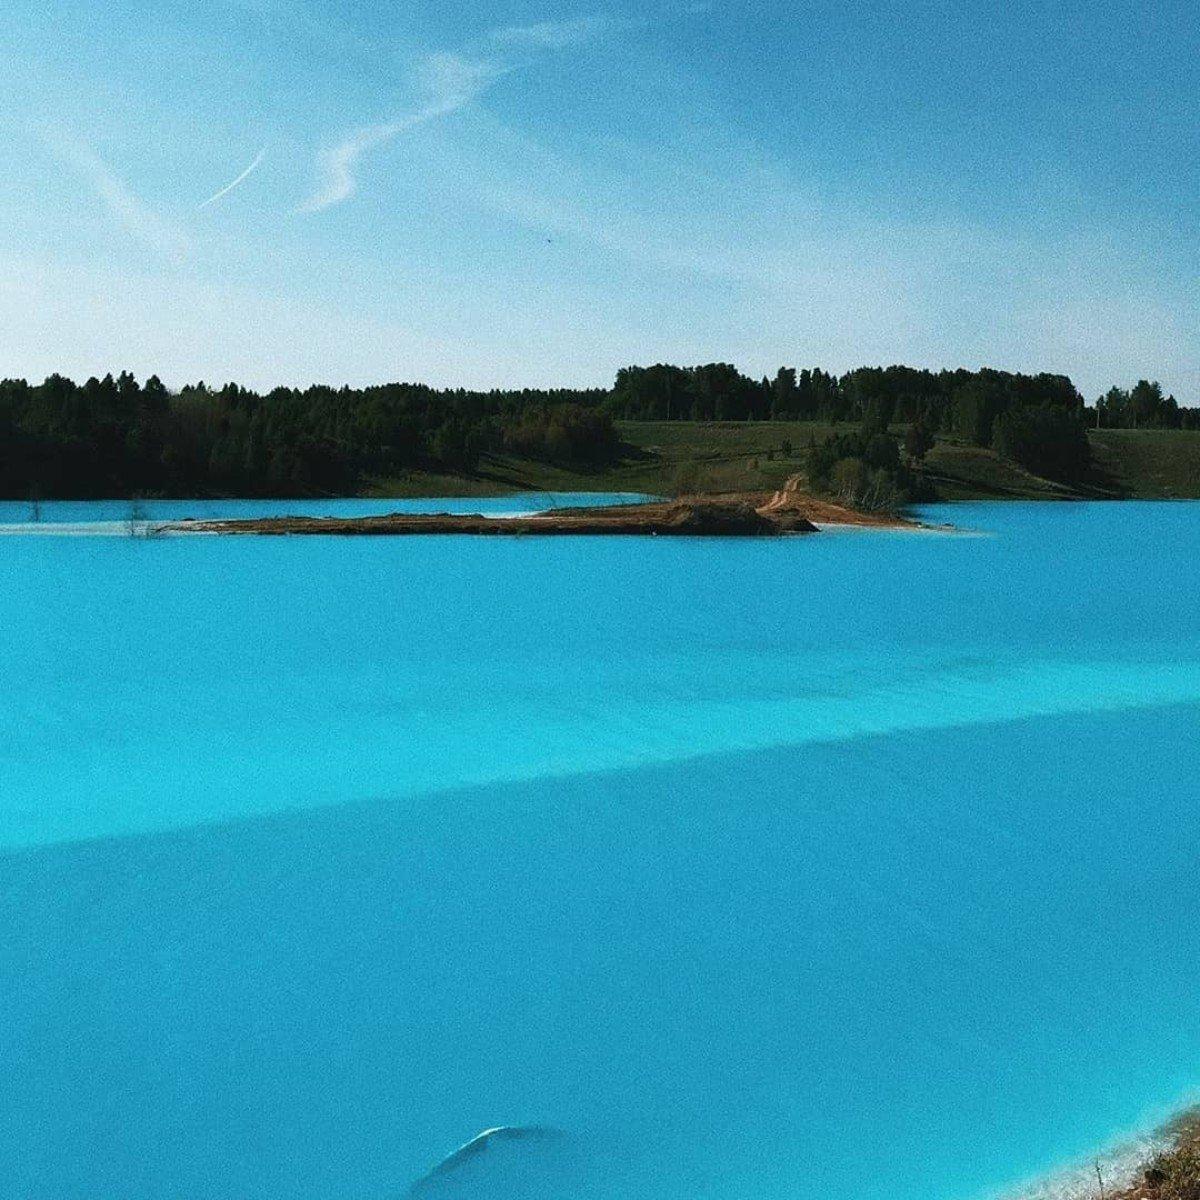 В Новосибирске появились свои Мальдивы, вот только купаться там нельзя